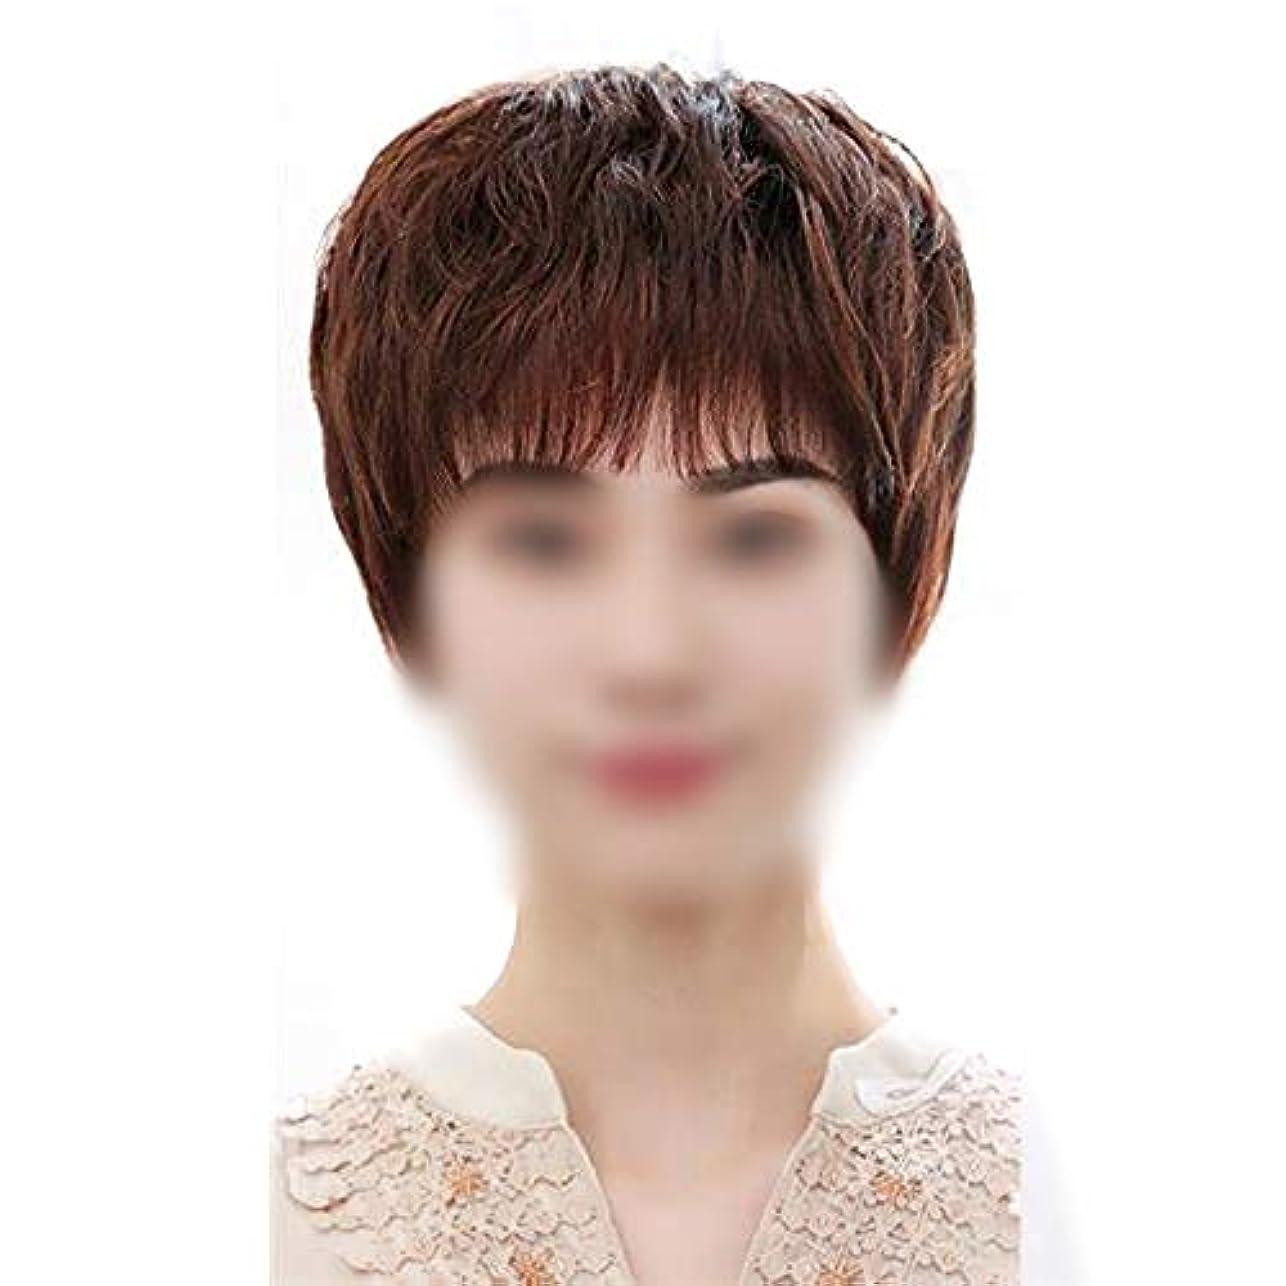 閉じ込める名前でパフYOUQIU 前髪のフル手織りファッション中年ウィッグウィッグでヒトの毛髪の女子ショートカーリーヘアのフル (色 : Dark brown)